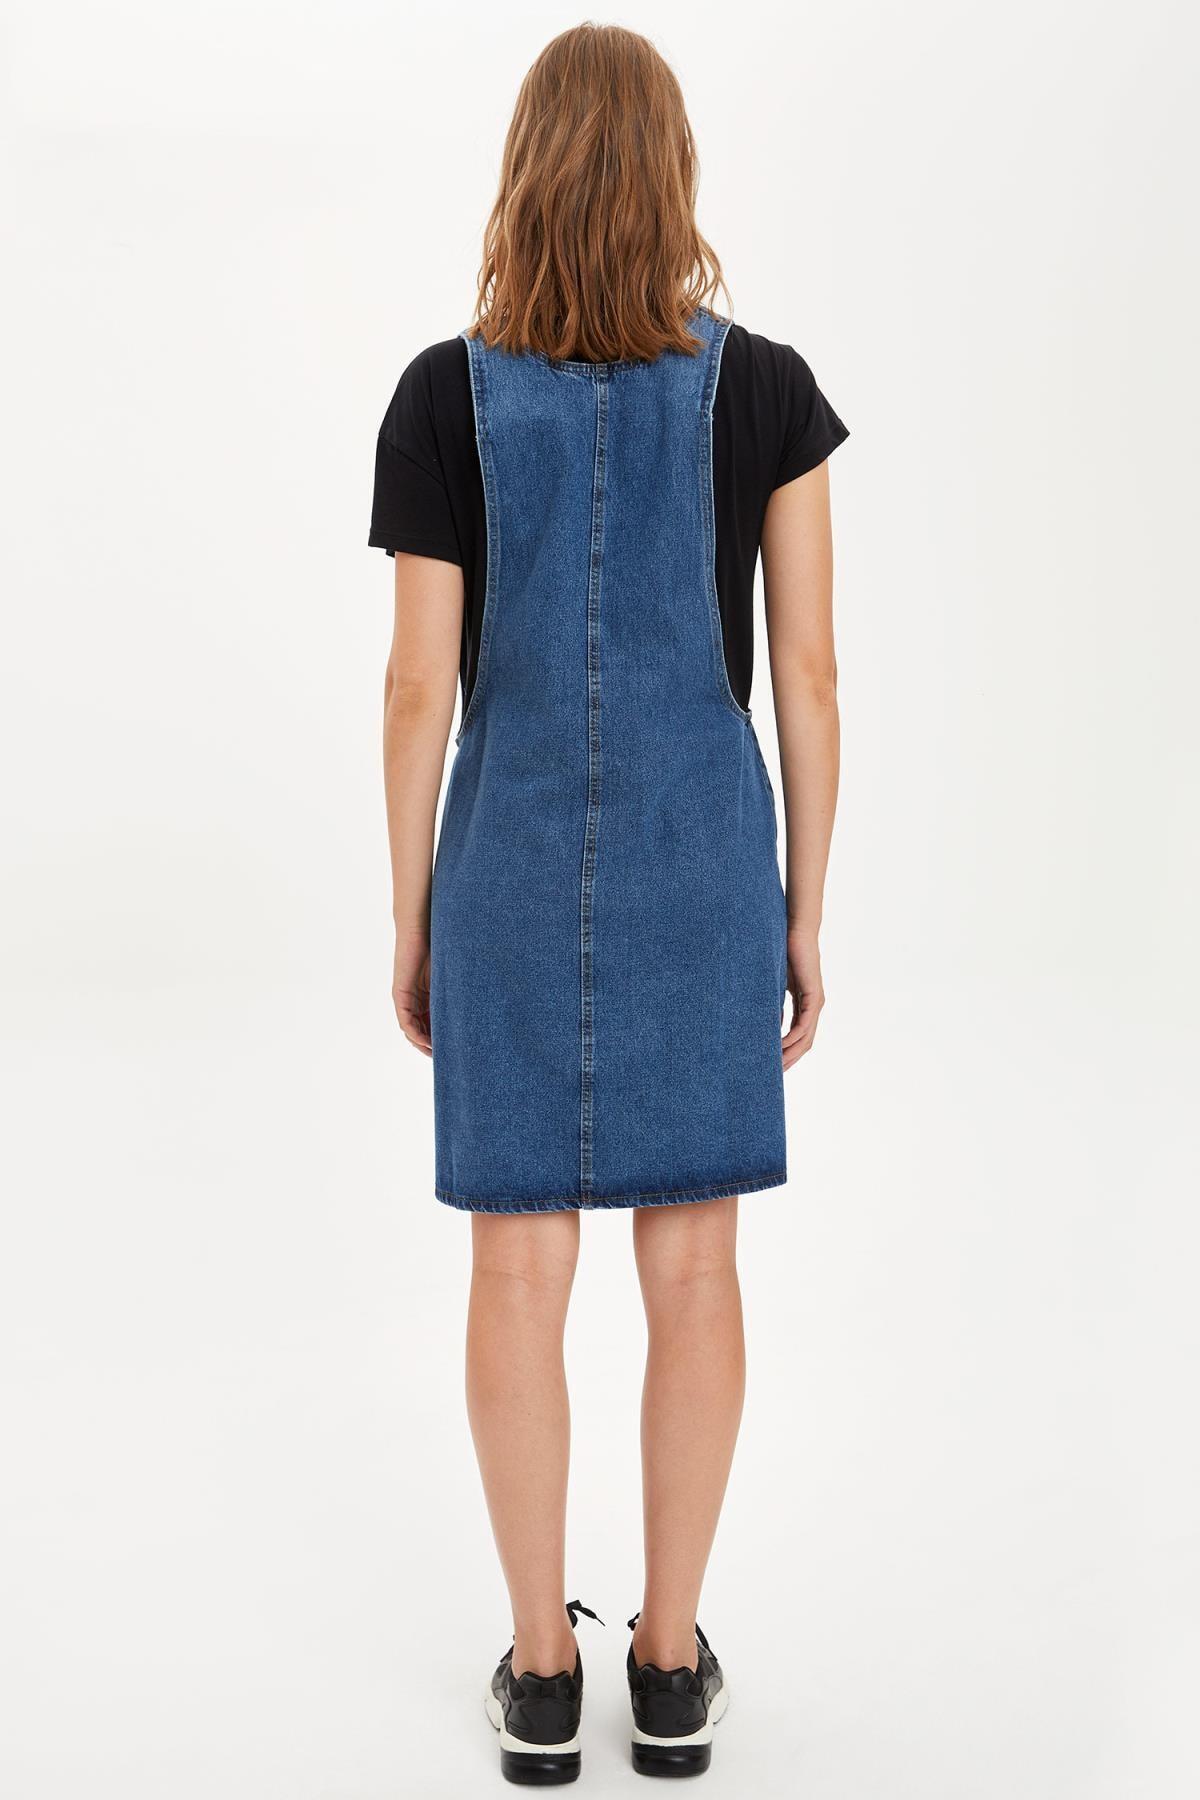 Defacto Kadın Çivit Mavisi Omuzları Kemer Detayl Hamile Jean Elbise R0413AZ20AU 4